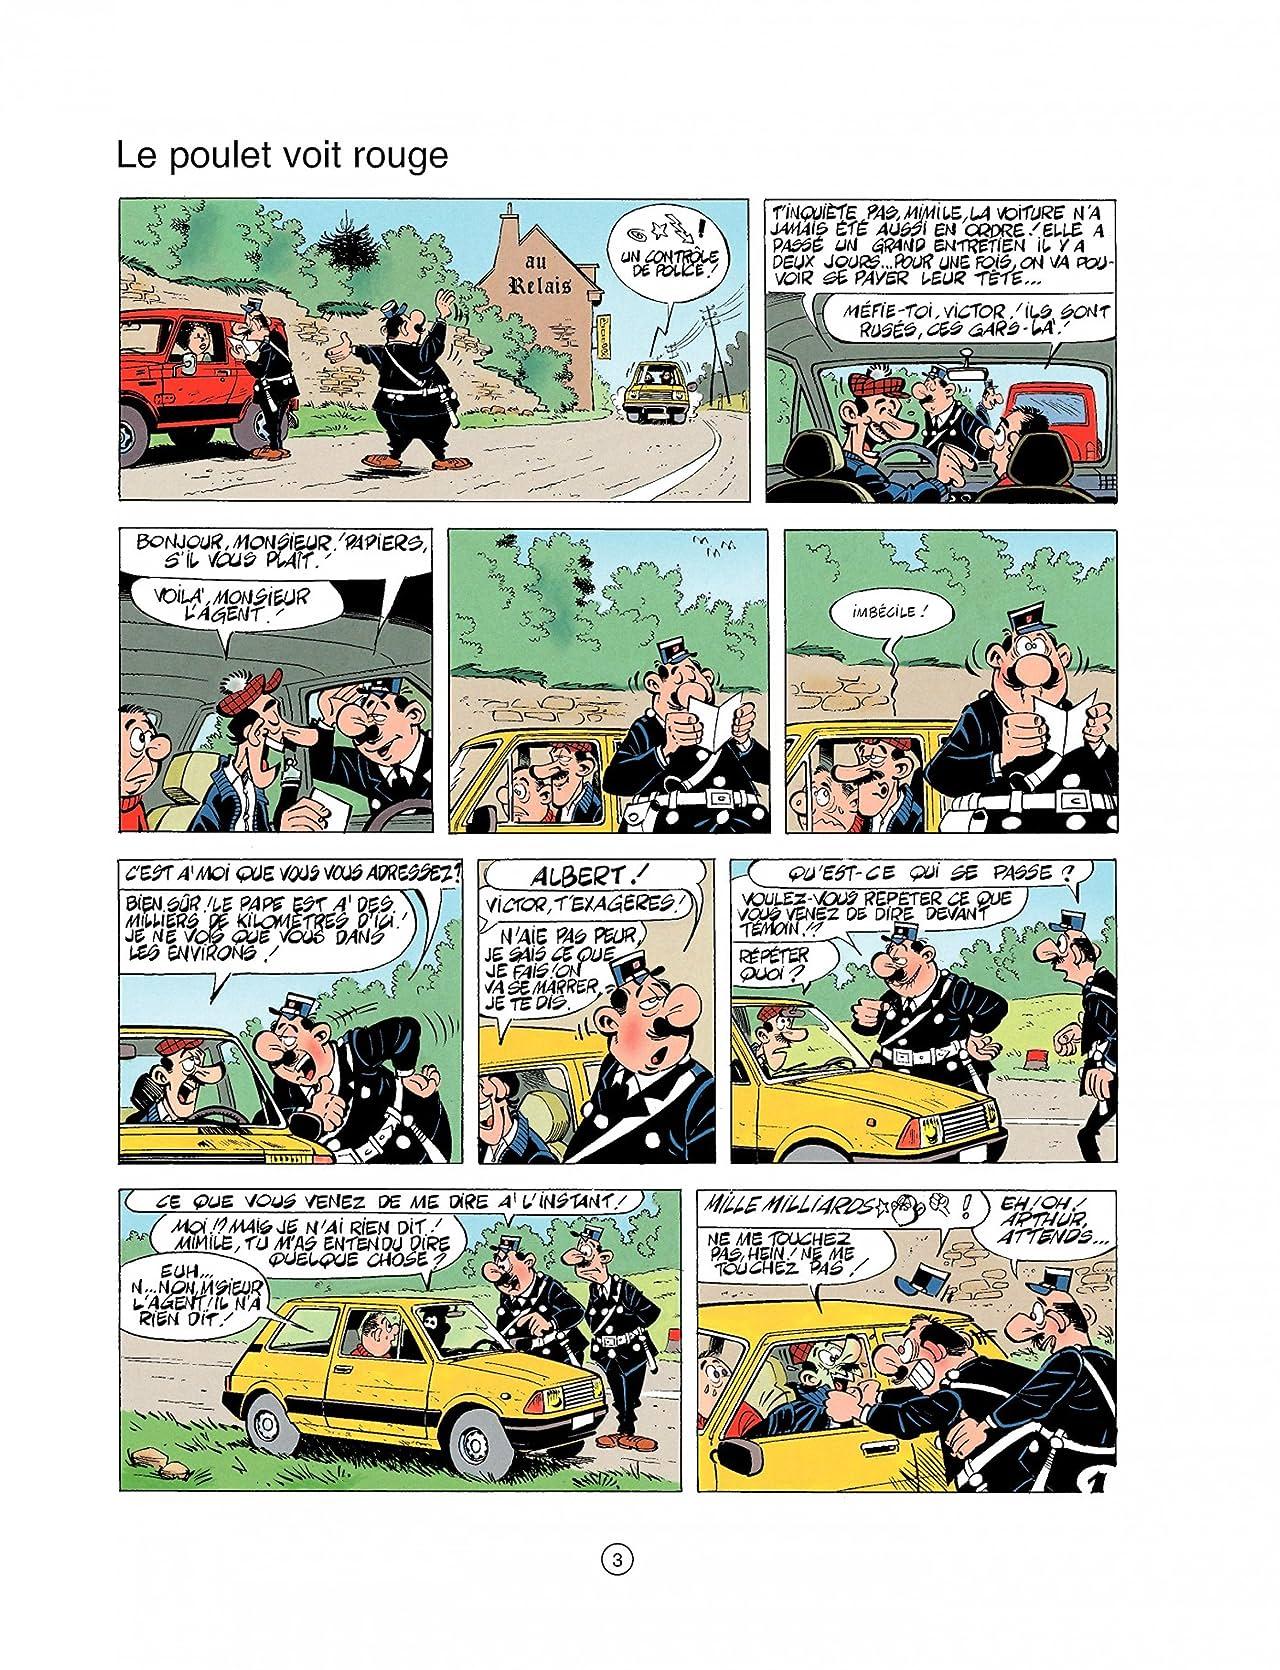 L'Agent 212 Vol. 11: SIFFLEZ DANS LE BALLON !